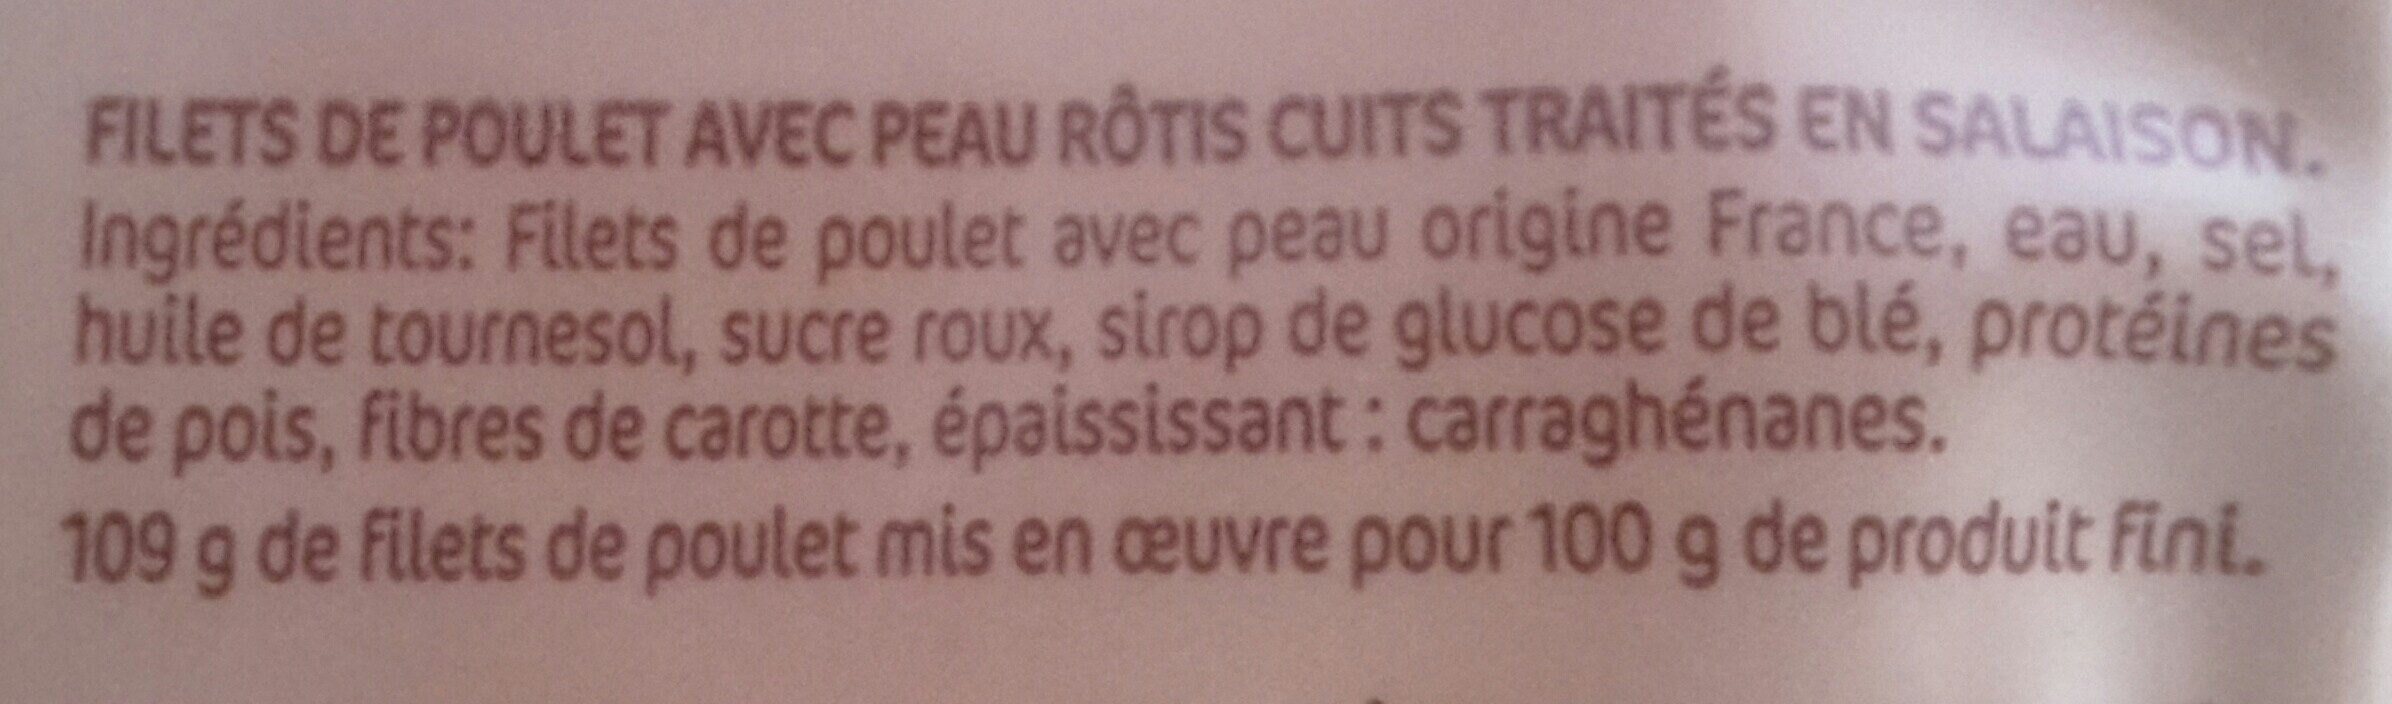 Filet de poulet roti - Ingrédients